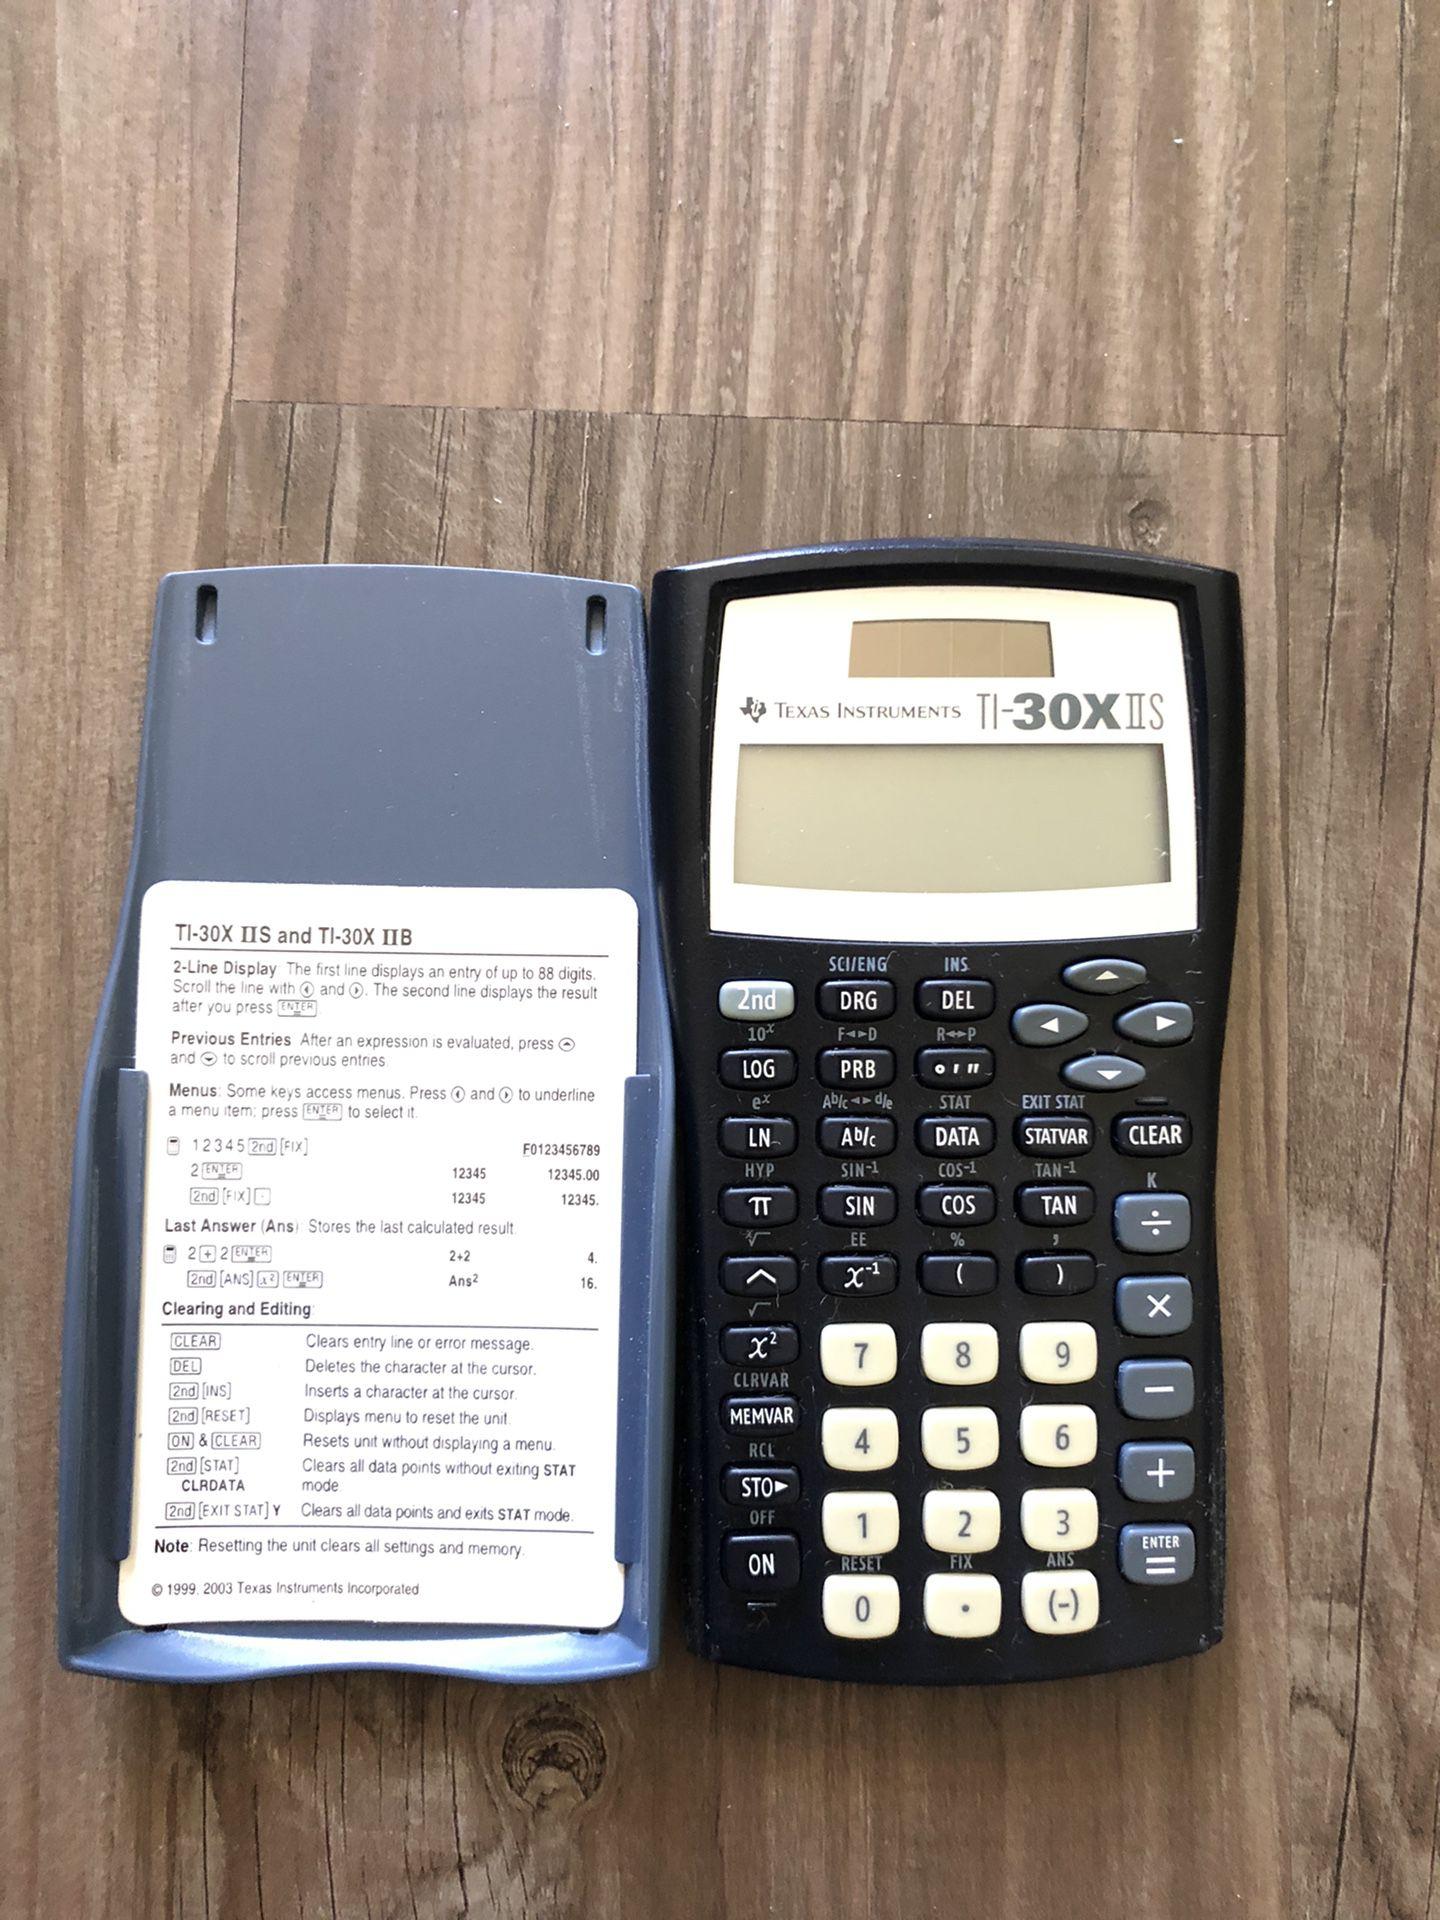 TI 30X IIS Scientific Calculator